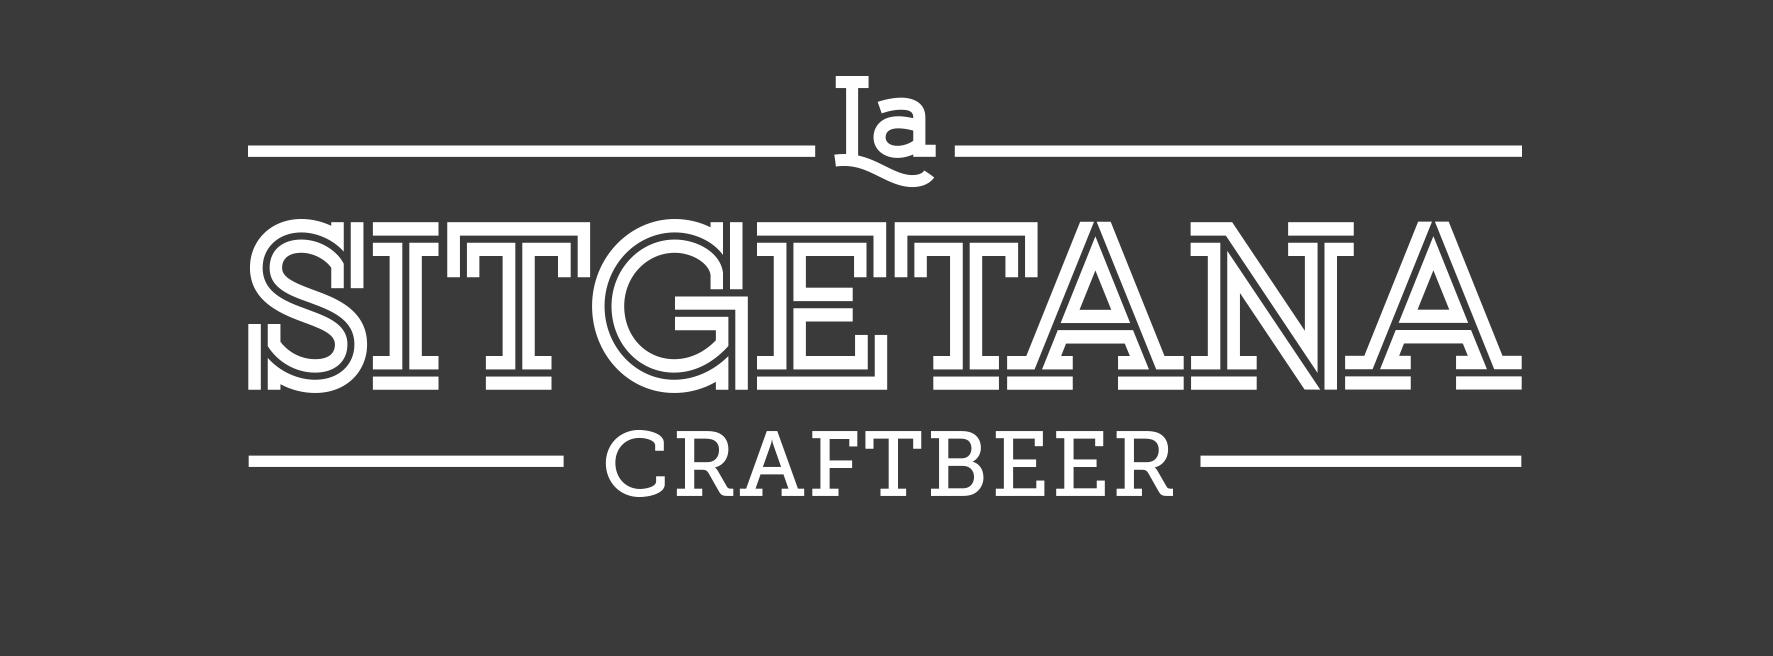 La Sitgestana Craftbeer